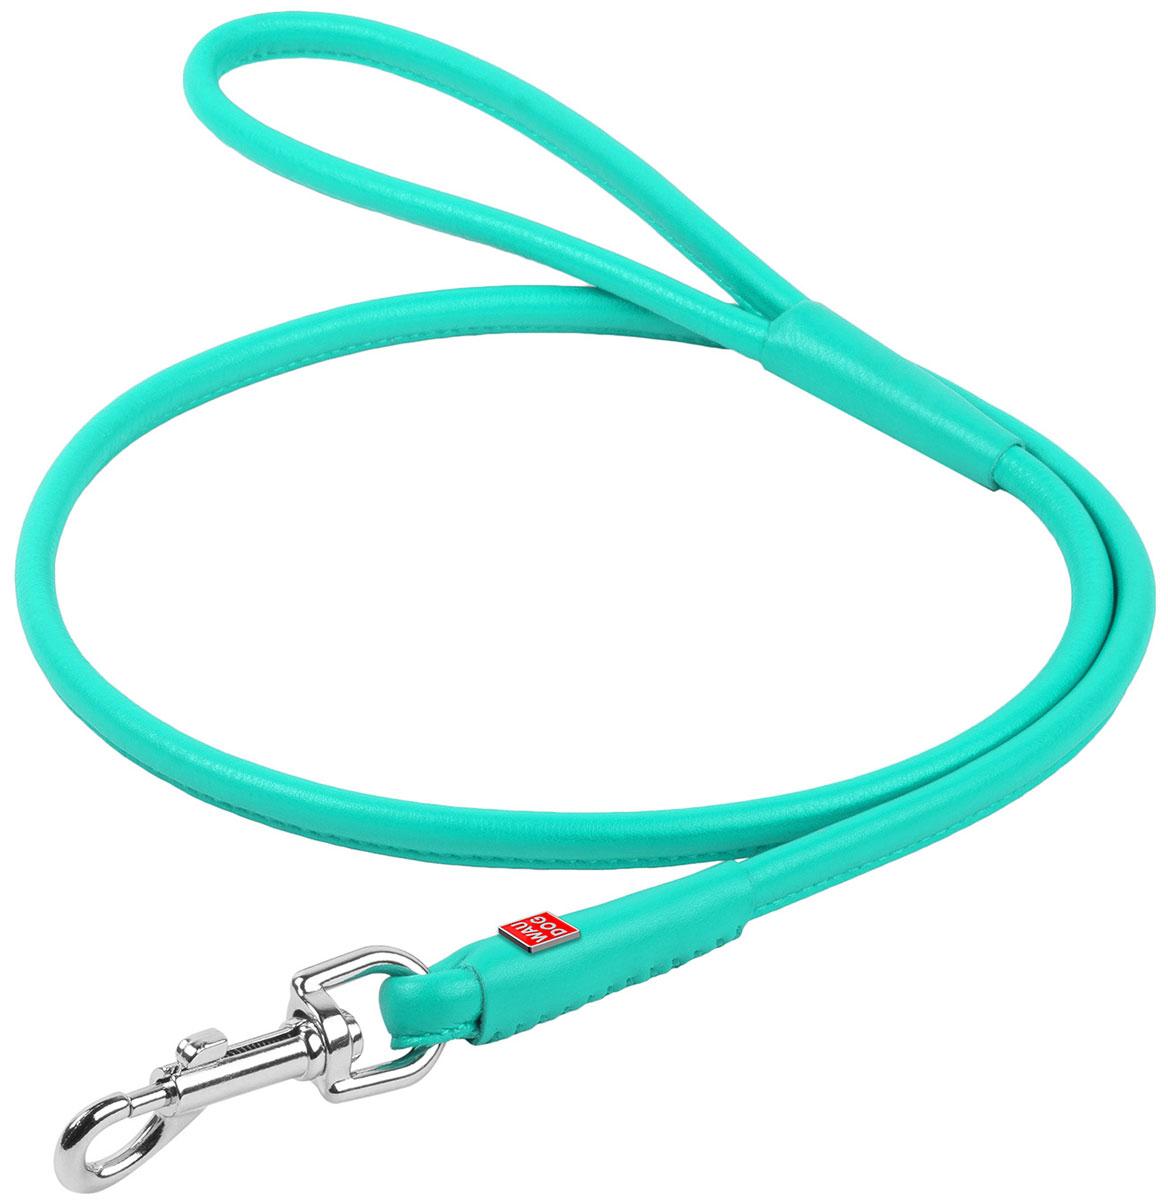 Поводок кожаный круглый для собак ментол 10 мм 122 см Collar WauDog Glamour (1 шт) поводок светящийся водостойкий для собак ментол 25 мм 183 см collar waudog waterproof 1 шт